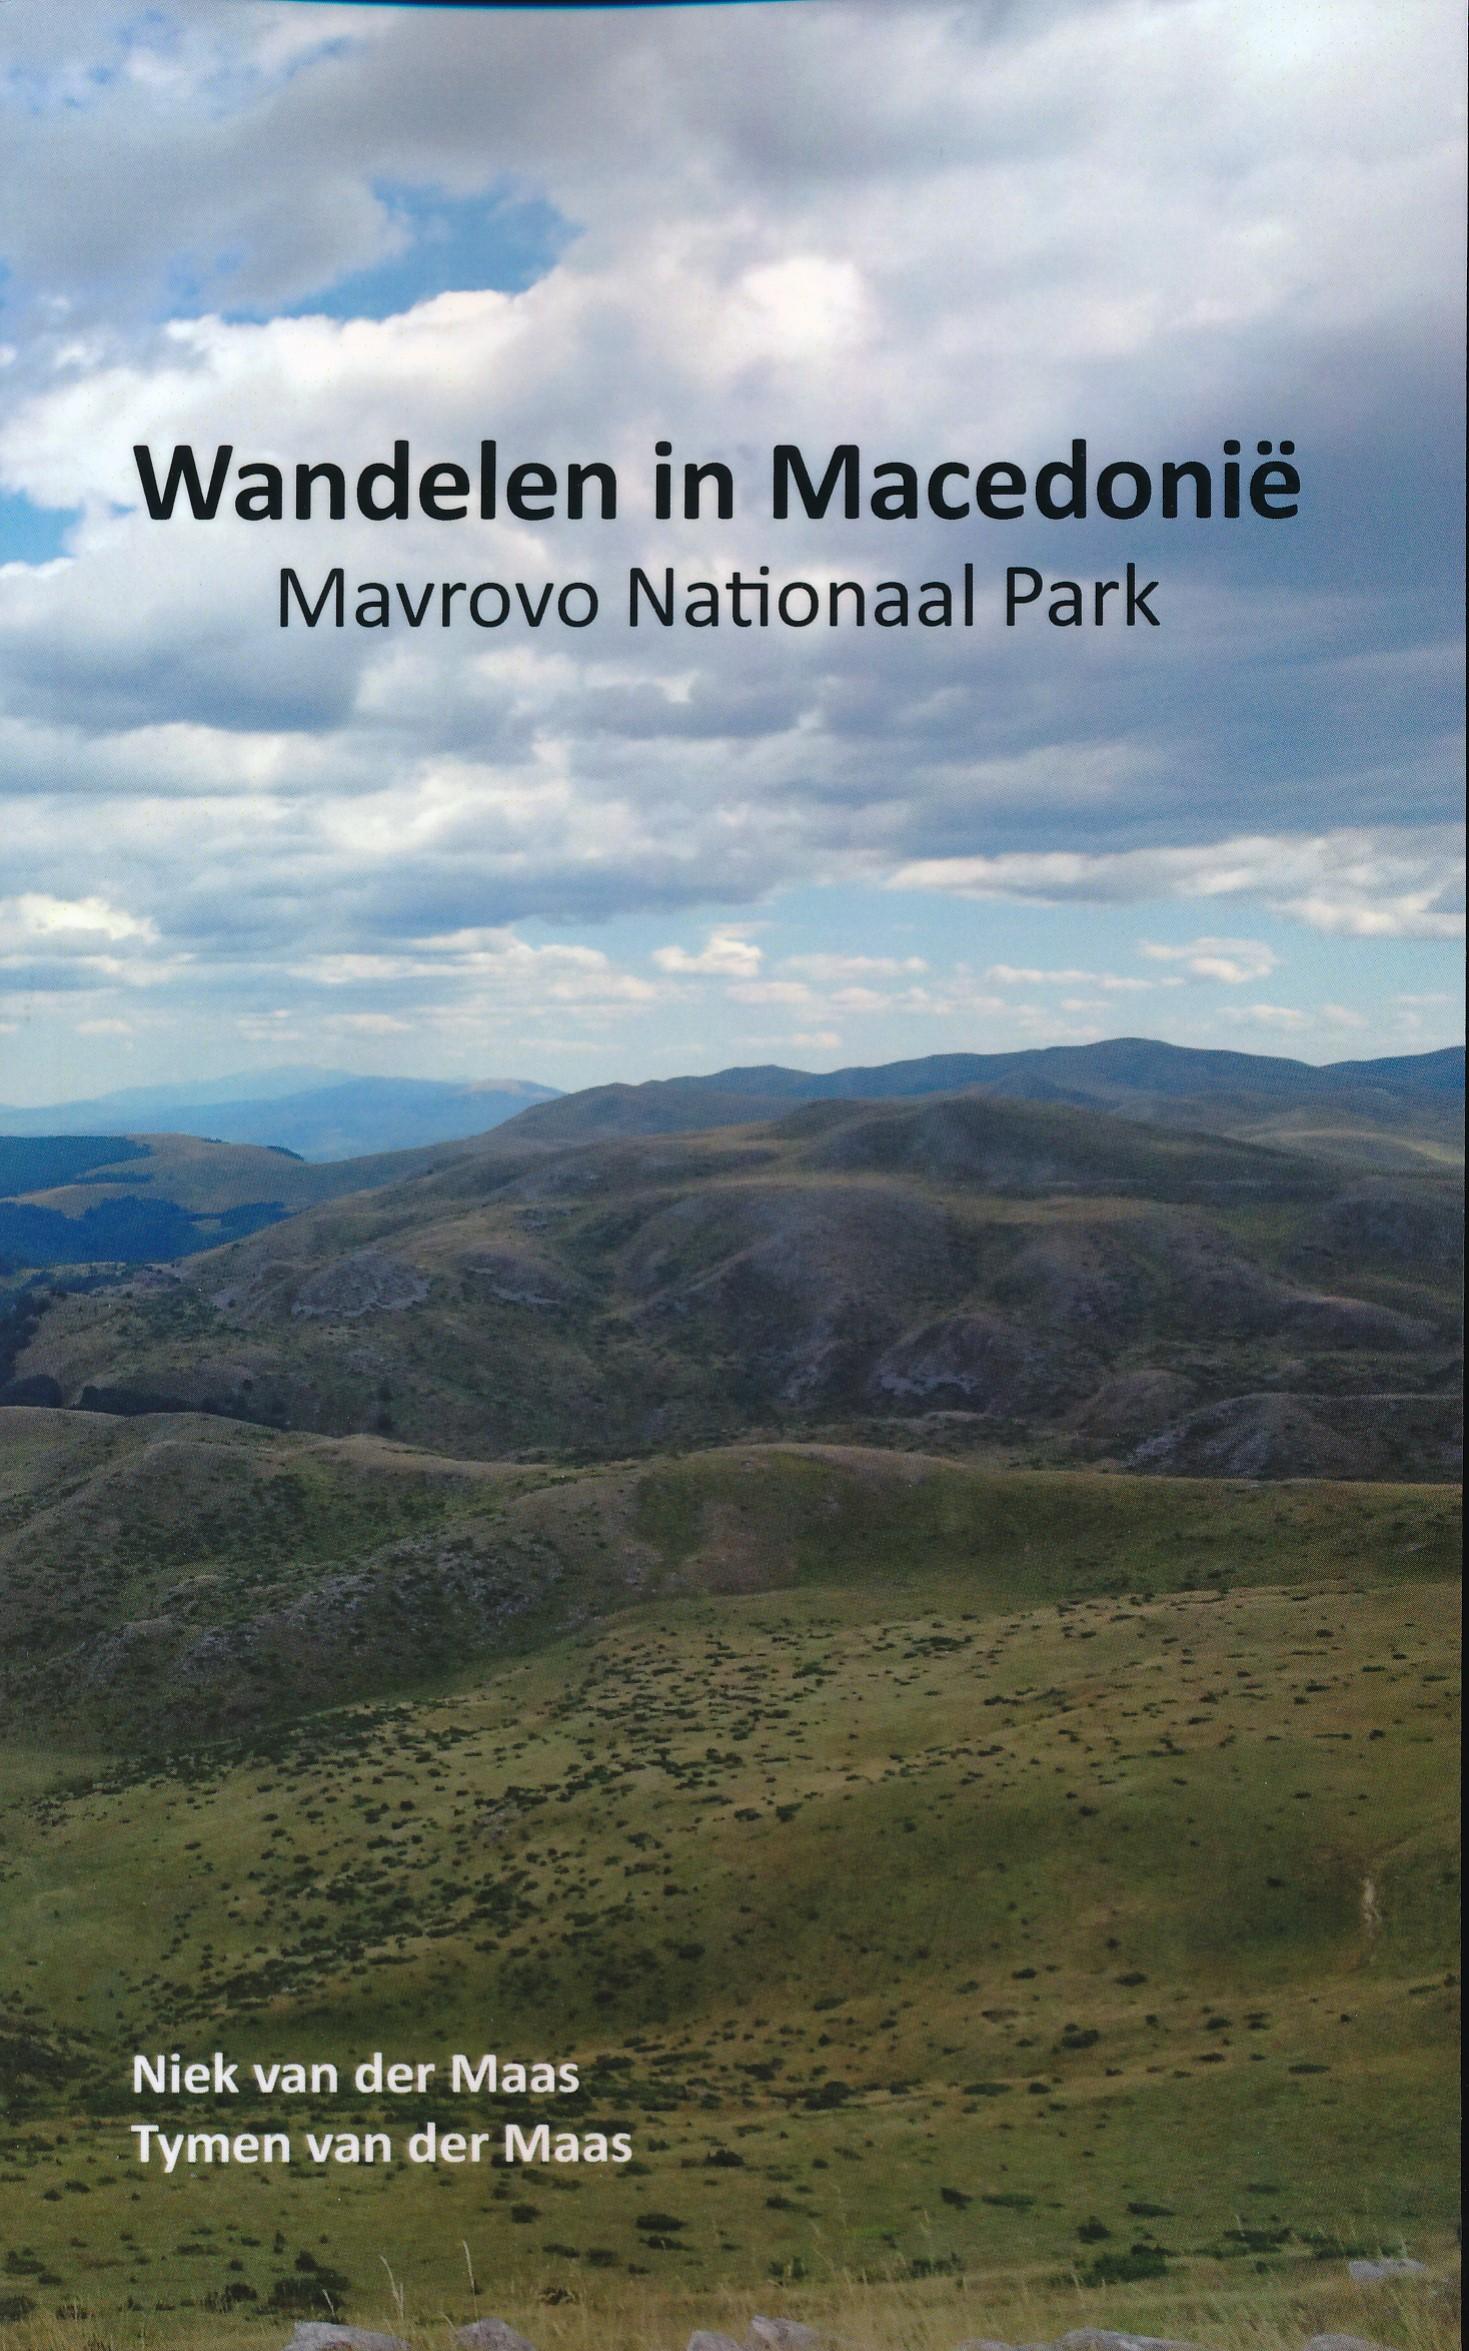 Wandelgids Wandelen in Macedonië - Mavrovo Nationaal Park | Niek van der Maas